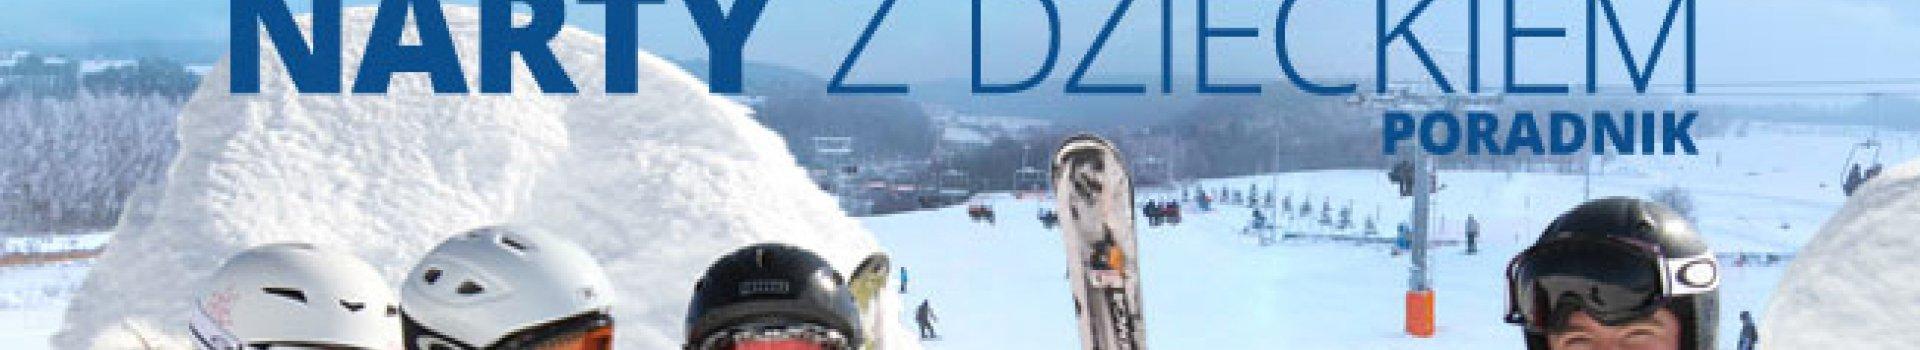 Pierwsze narty z dzieckiem